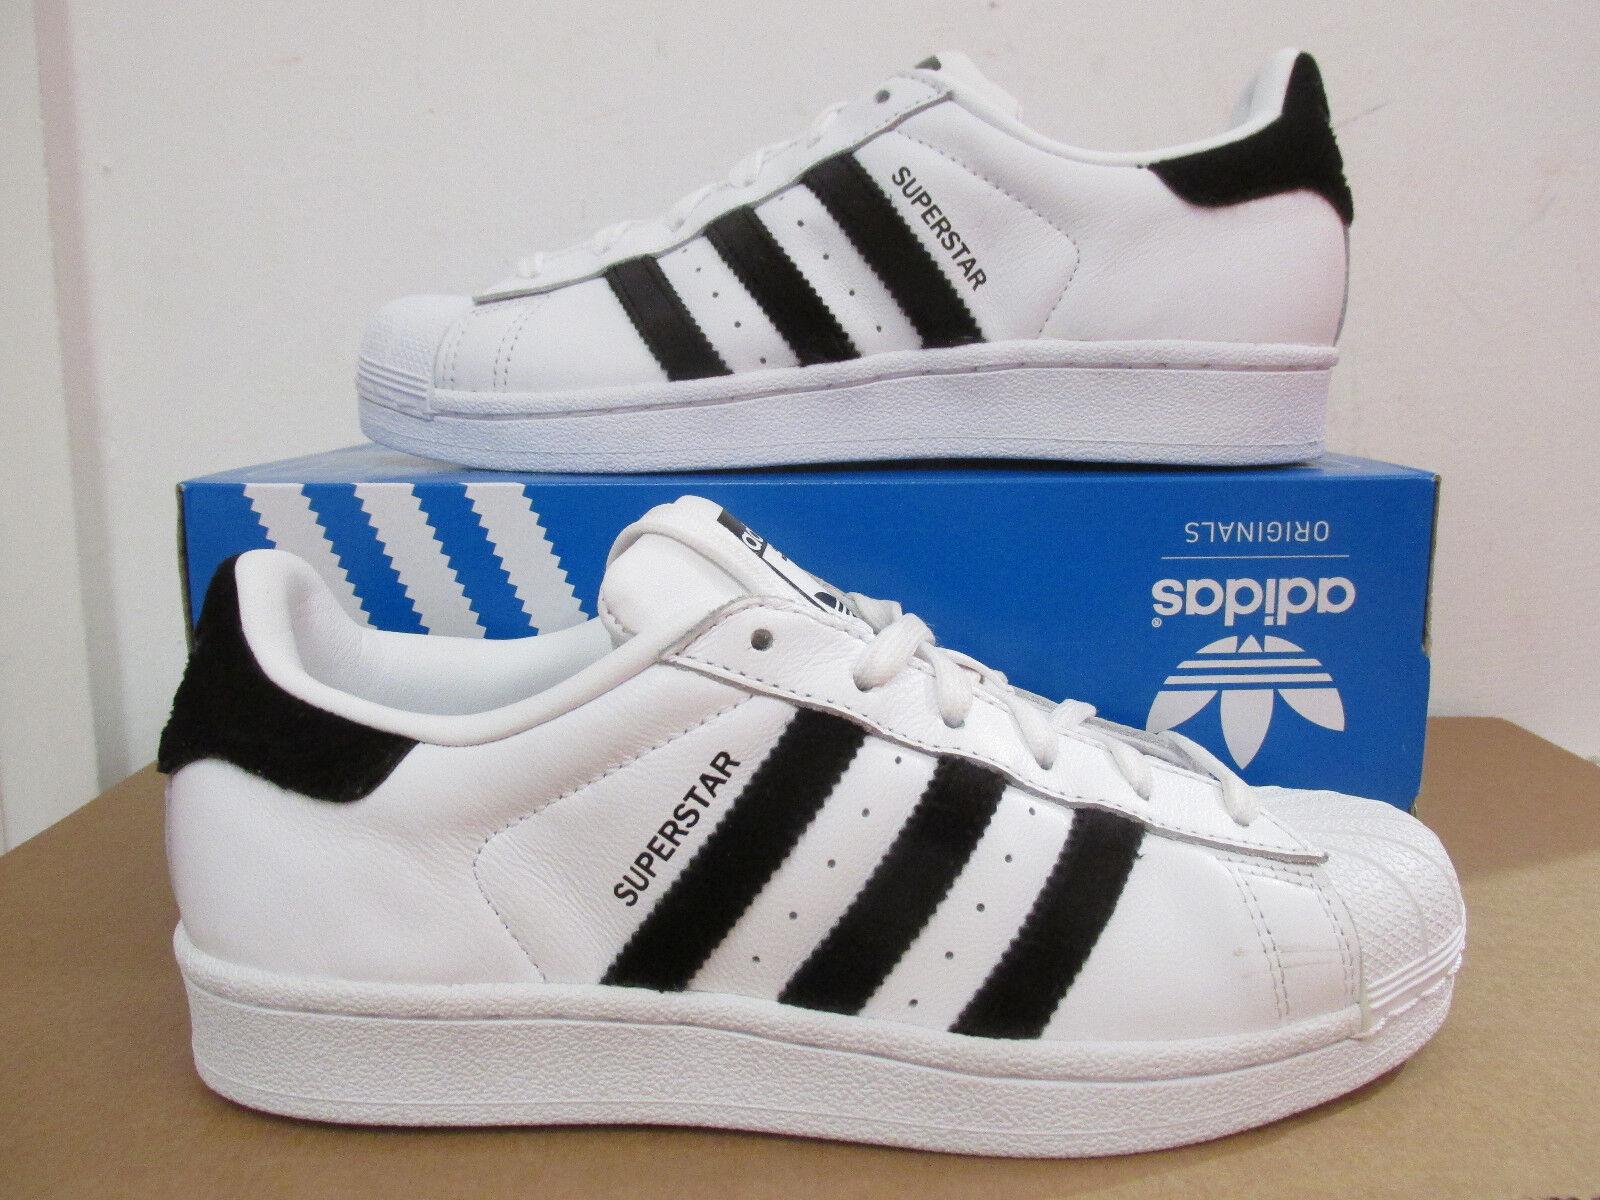 Adidas Originals Superstar Zapatillas de Mujer BB29Zapatos  Liquidación Liquidación Liquidación 392da8